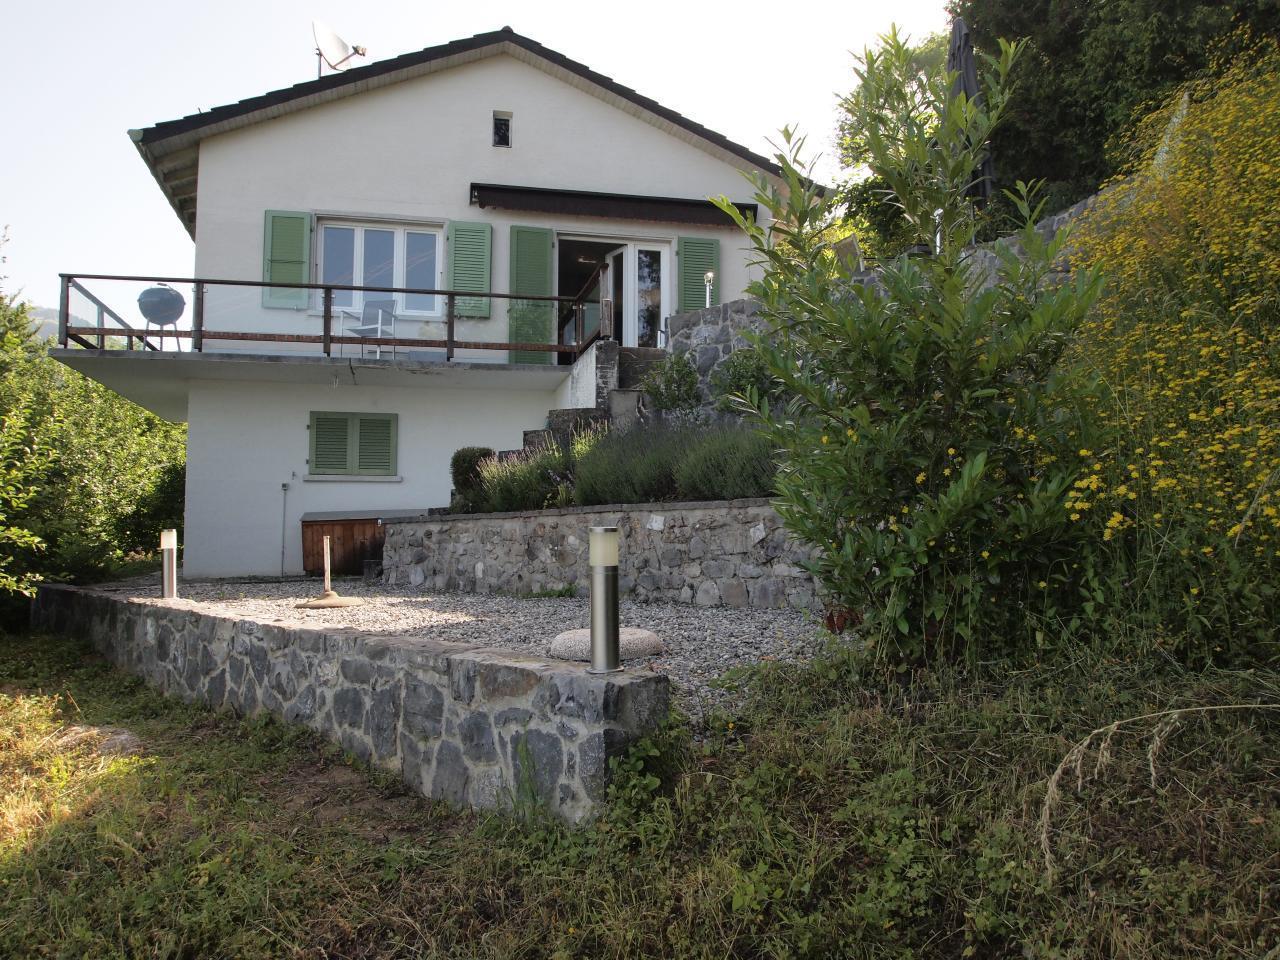 Maison de vacances Gais Alpins (1591597), Glion, Lac Léman, Vaud, Suisse, image 1